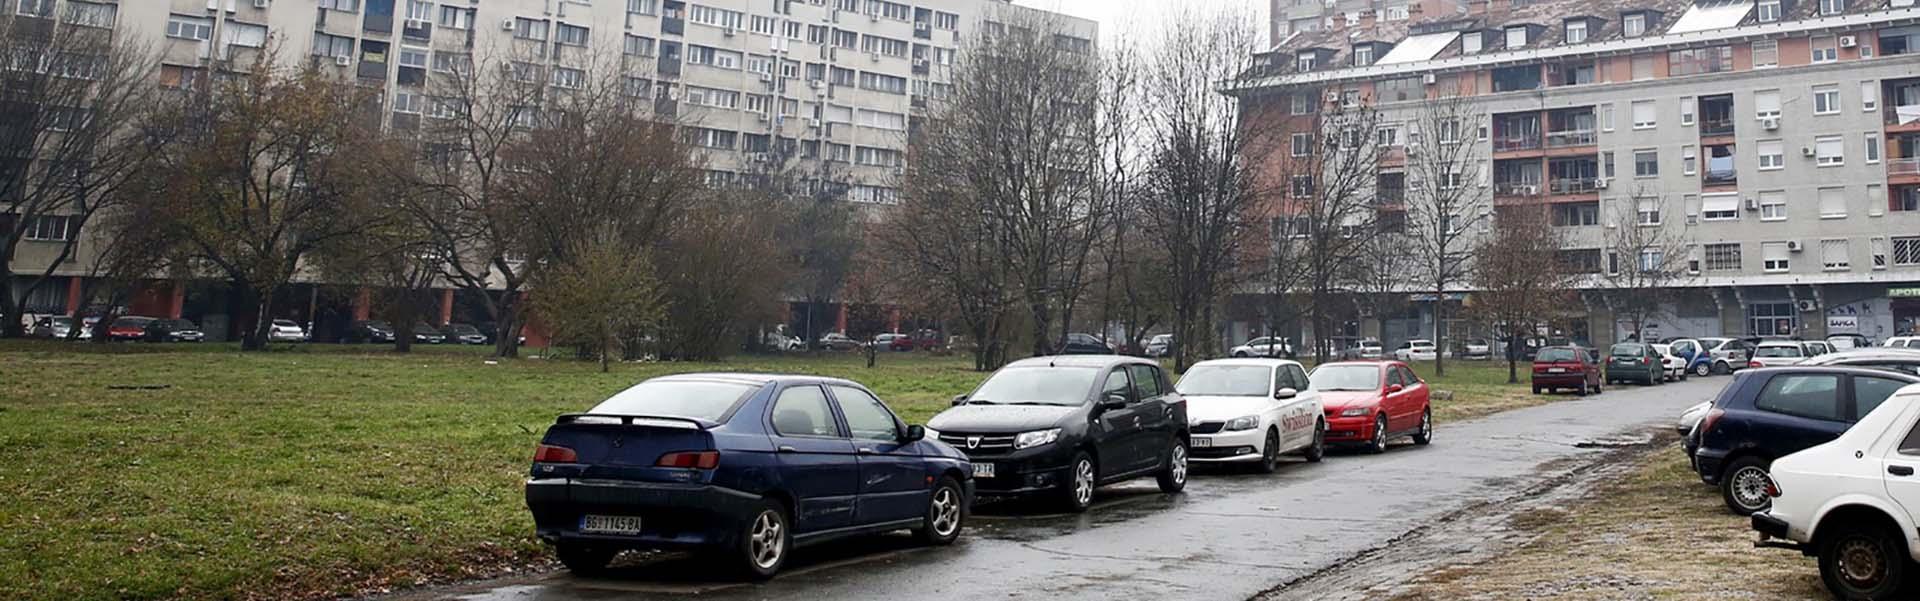 Dostava hrane Politehnička akademija (blok 4)| Beograd